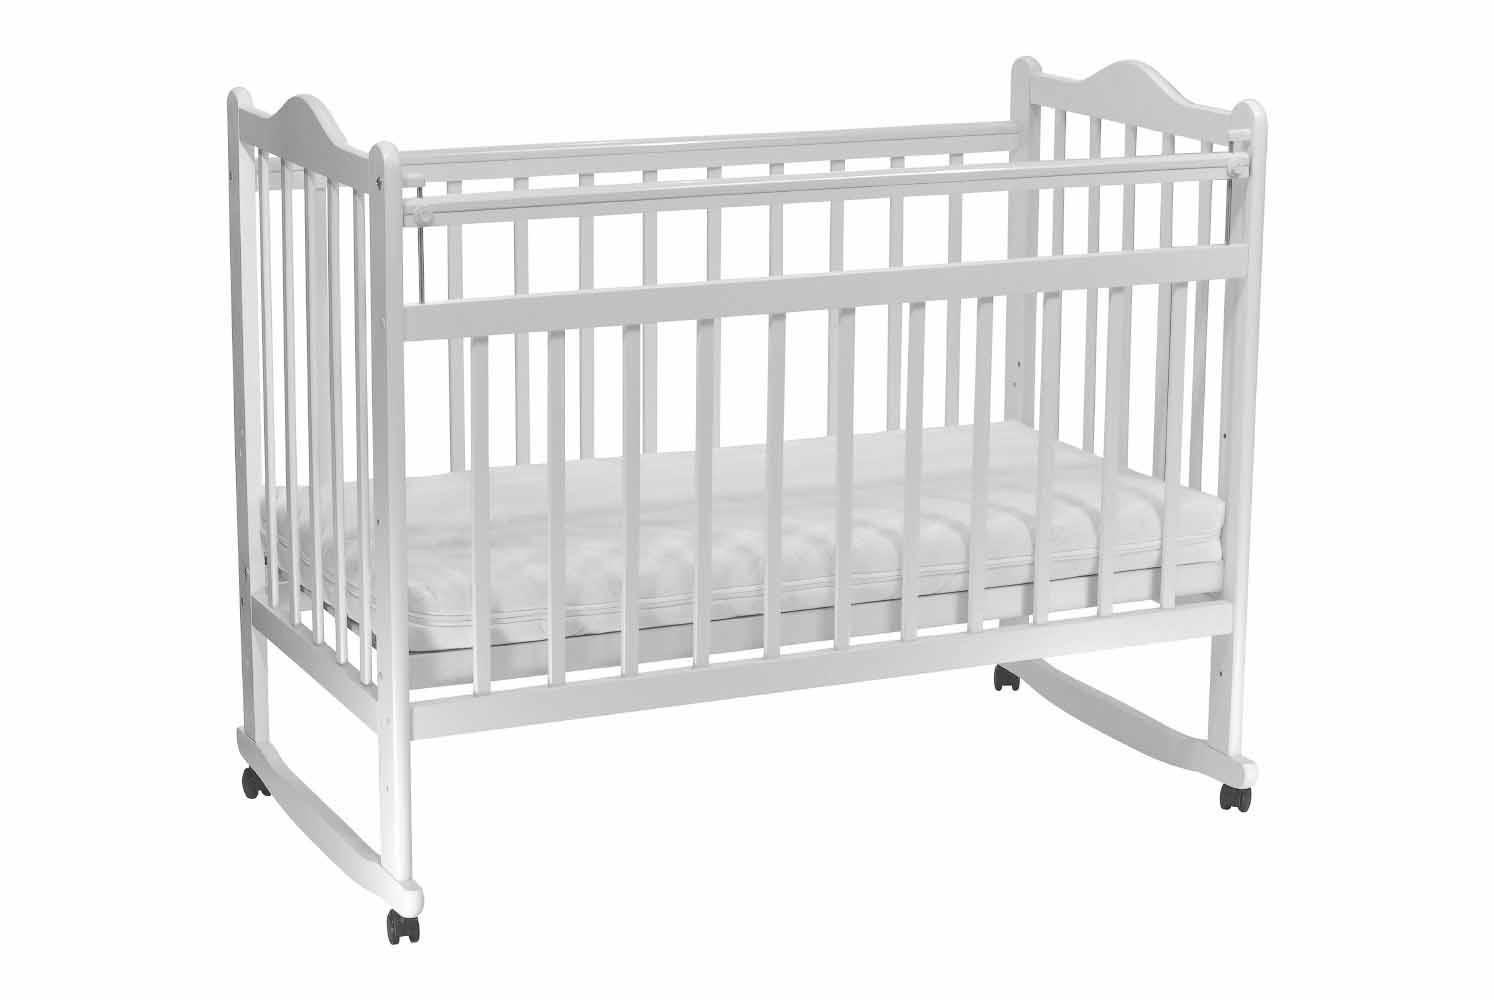 цена Детская кроватка Everflo Pali milk ES-001 онлайн в 2017 году